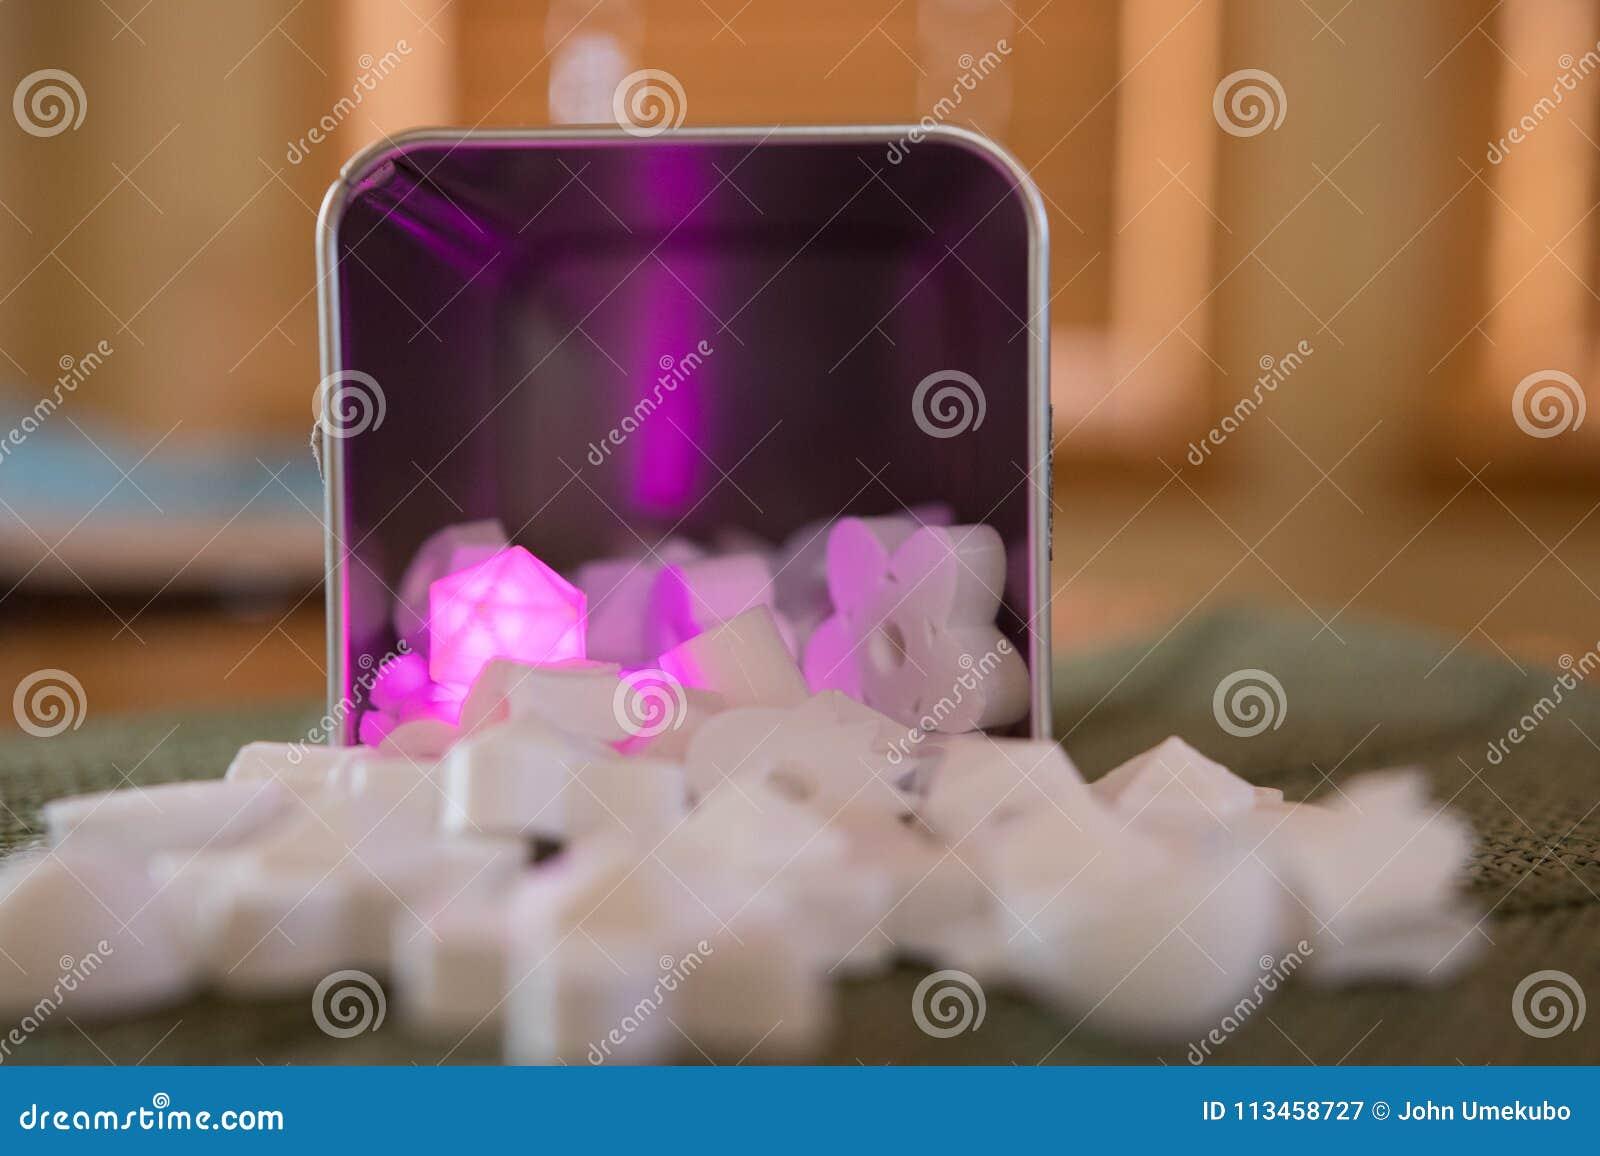 Roze diamant die onder de rest gloeien